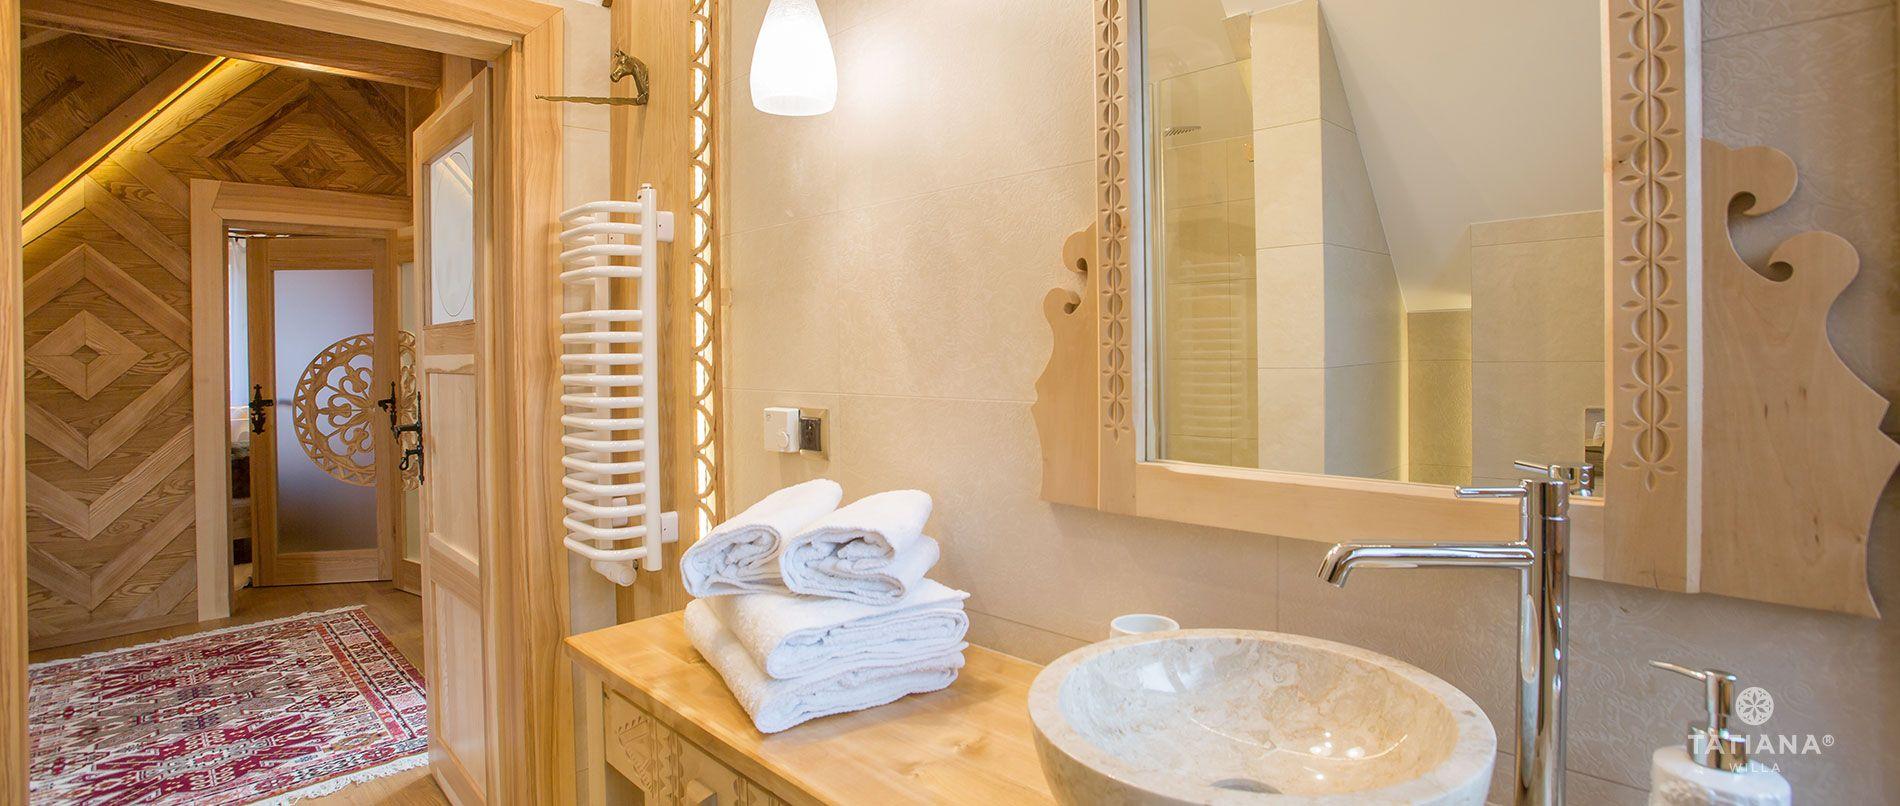 Apartament Tatrzański - druga łazienka